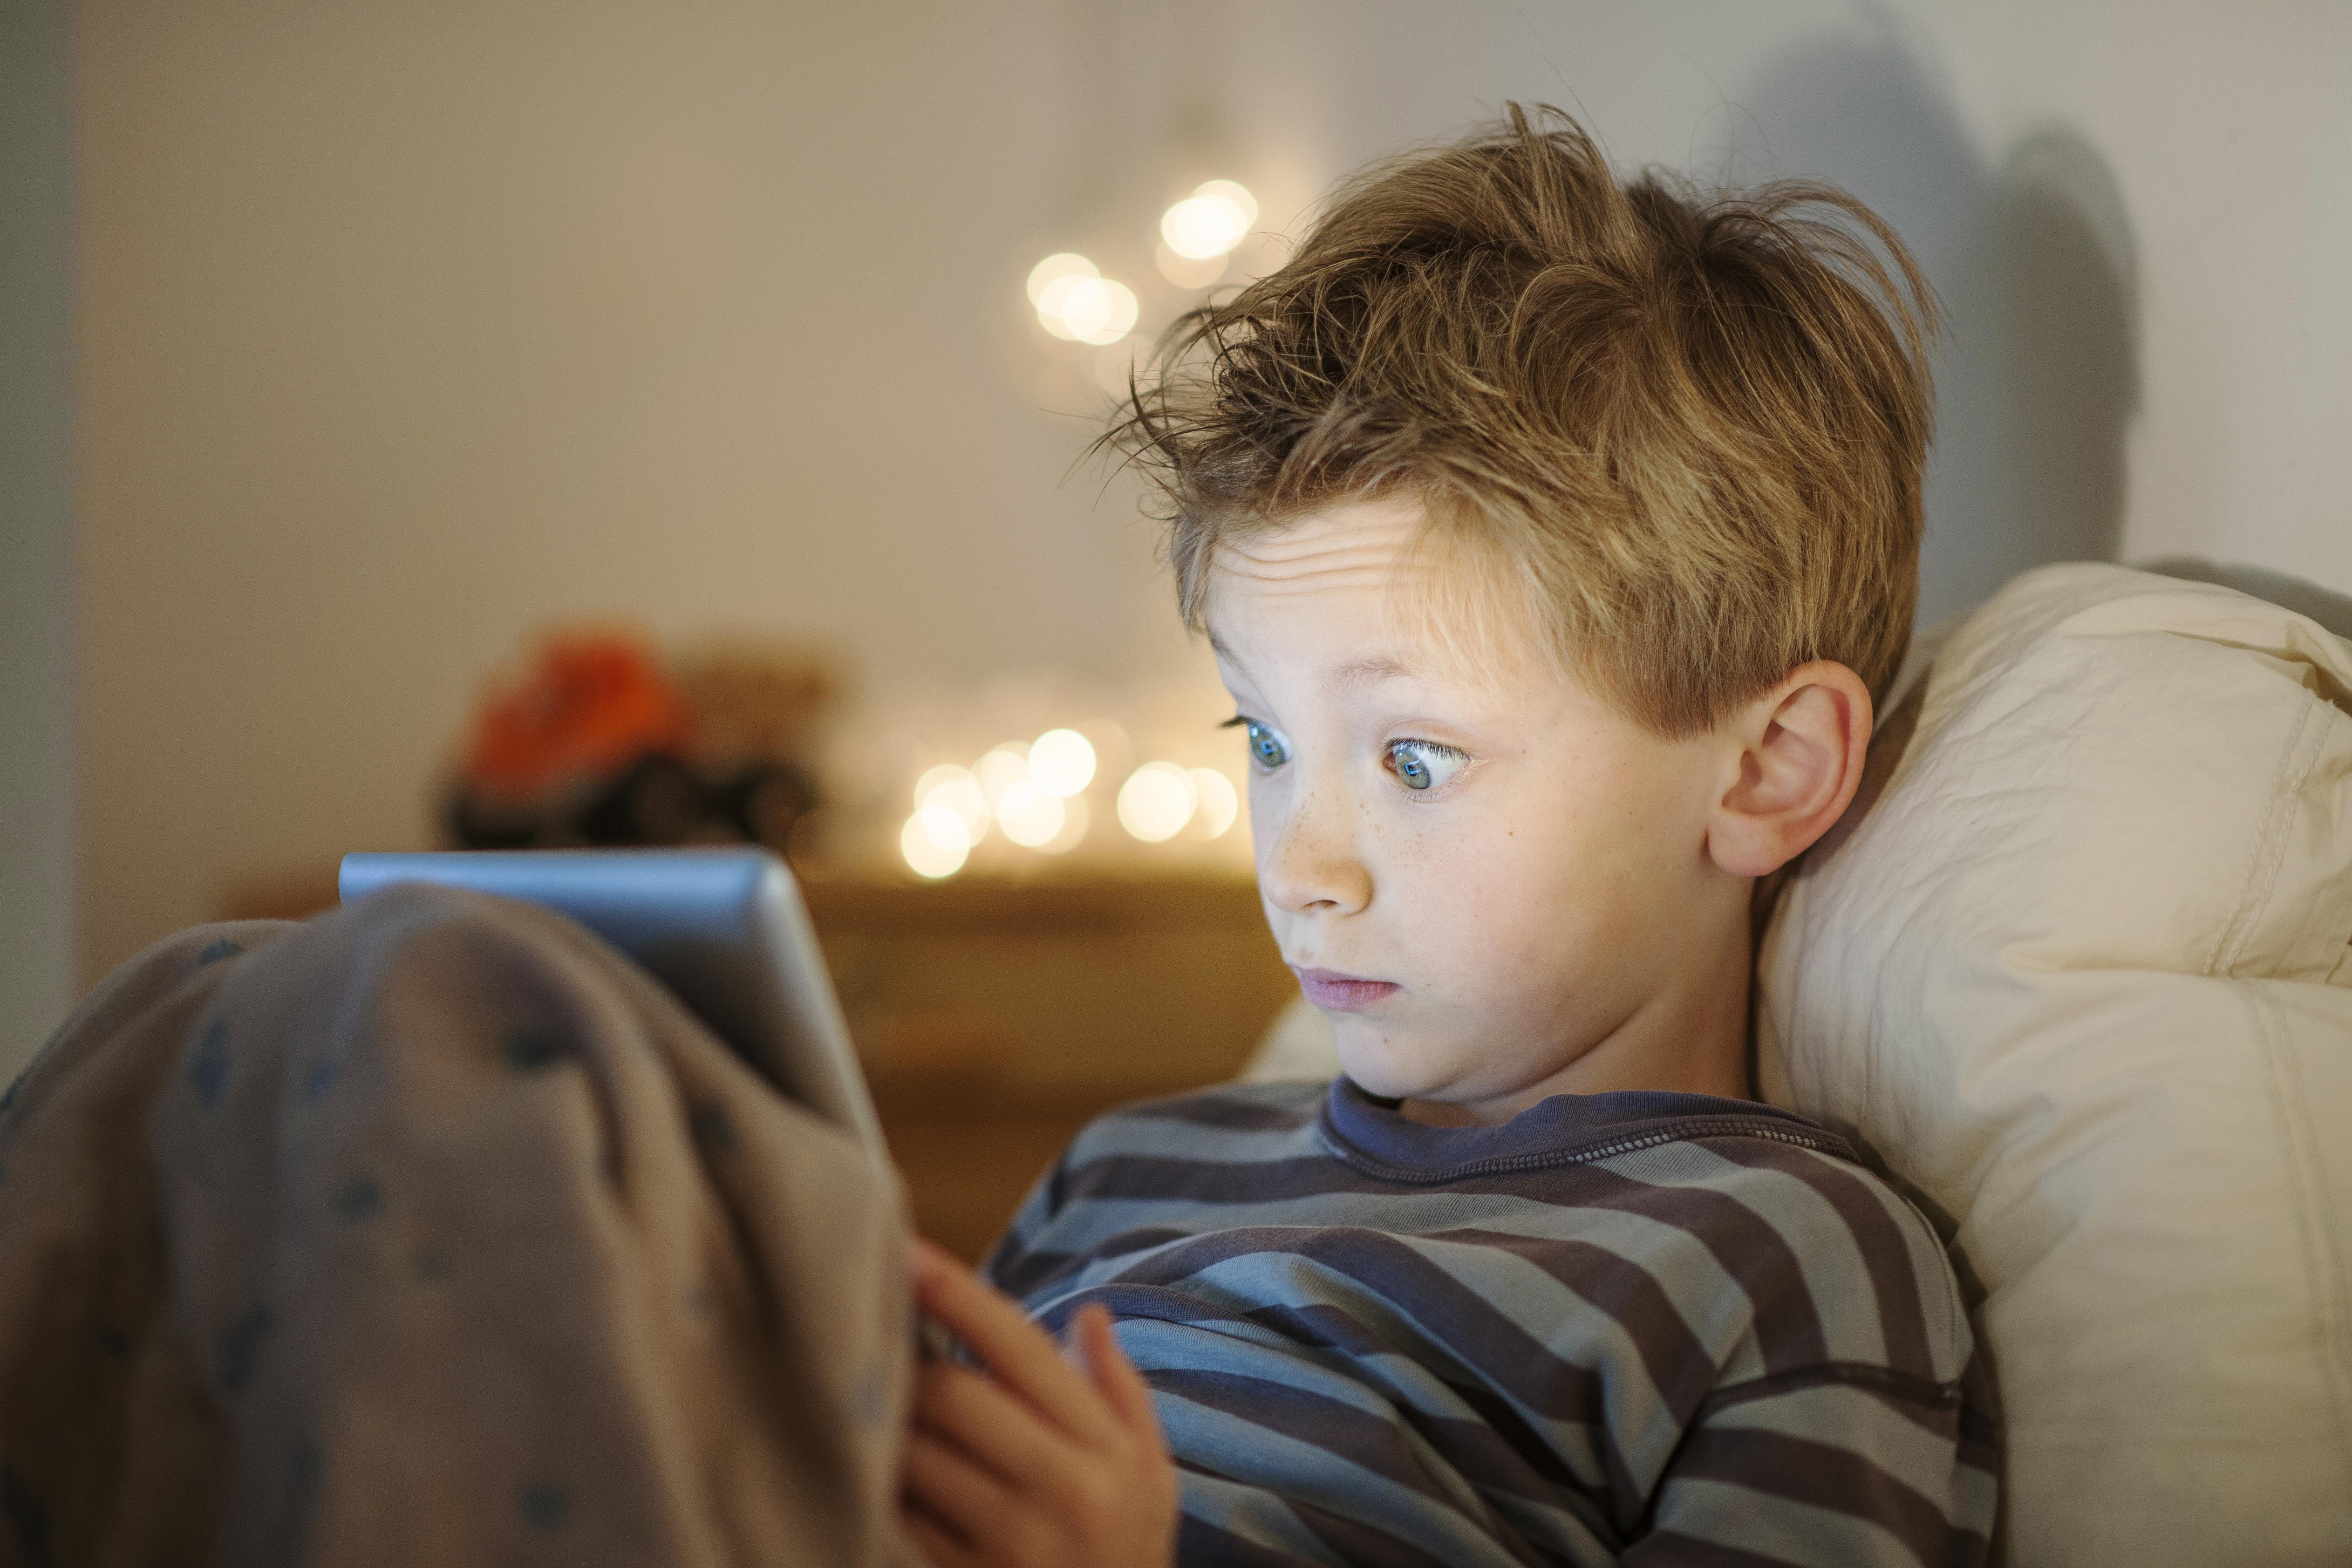 Studien pekar på att närvaron av små skärmar verkar påverka barns sömnvanor mer än tv.